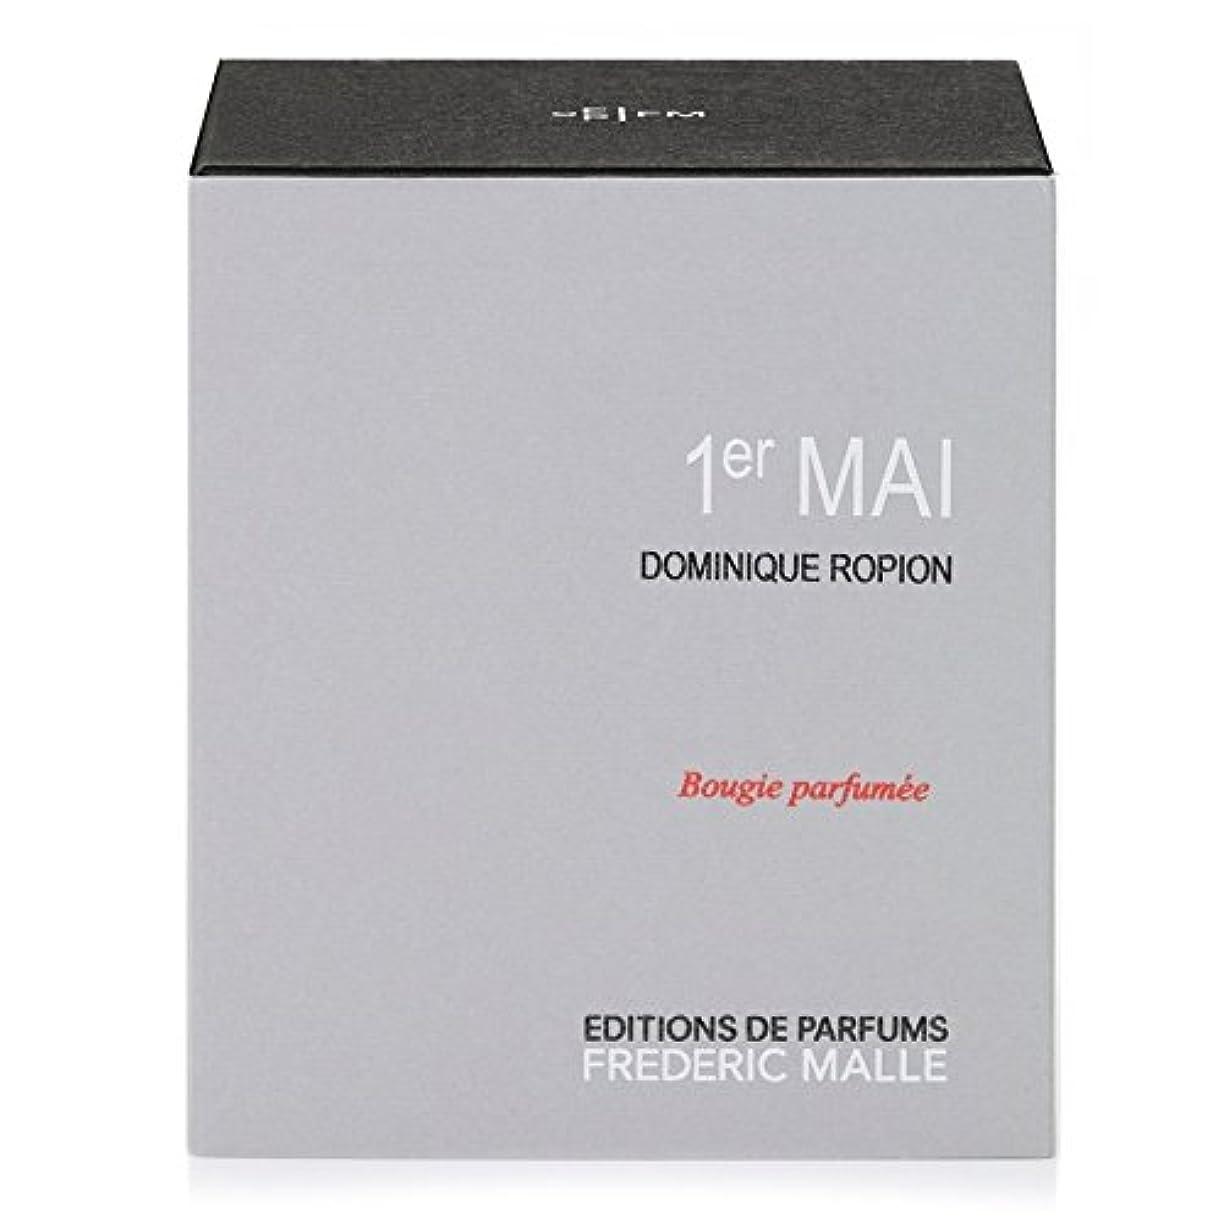 摩擦衝撃悲鳴Frederic Malle 1er Mai Scented Candle 220g (Pack of 4) - フレデリック?マルプルミエ舞香りのキャンドル220グラム x4 [並行輸入品]